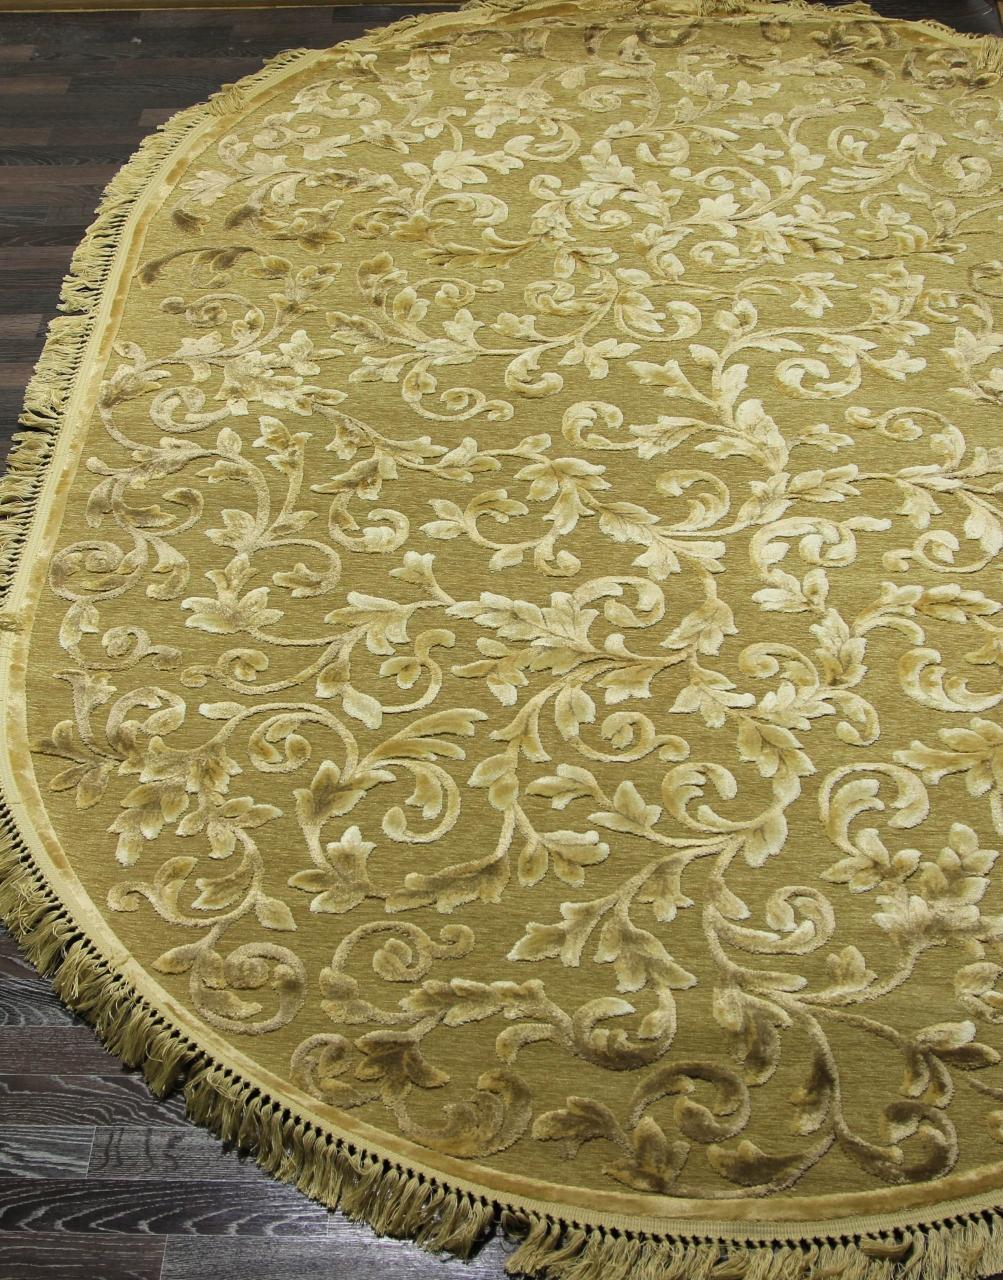 Ковер 0VC018 - GOLD - Овал - коллекция TIFFANY - фото 1